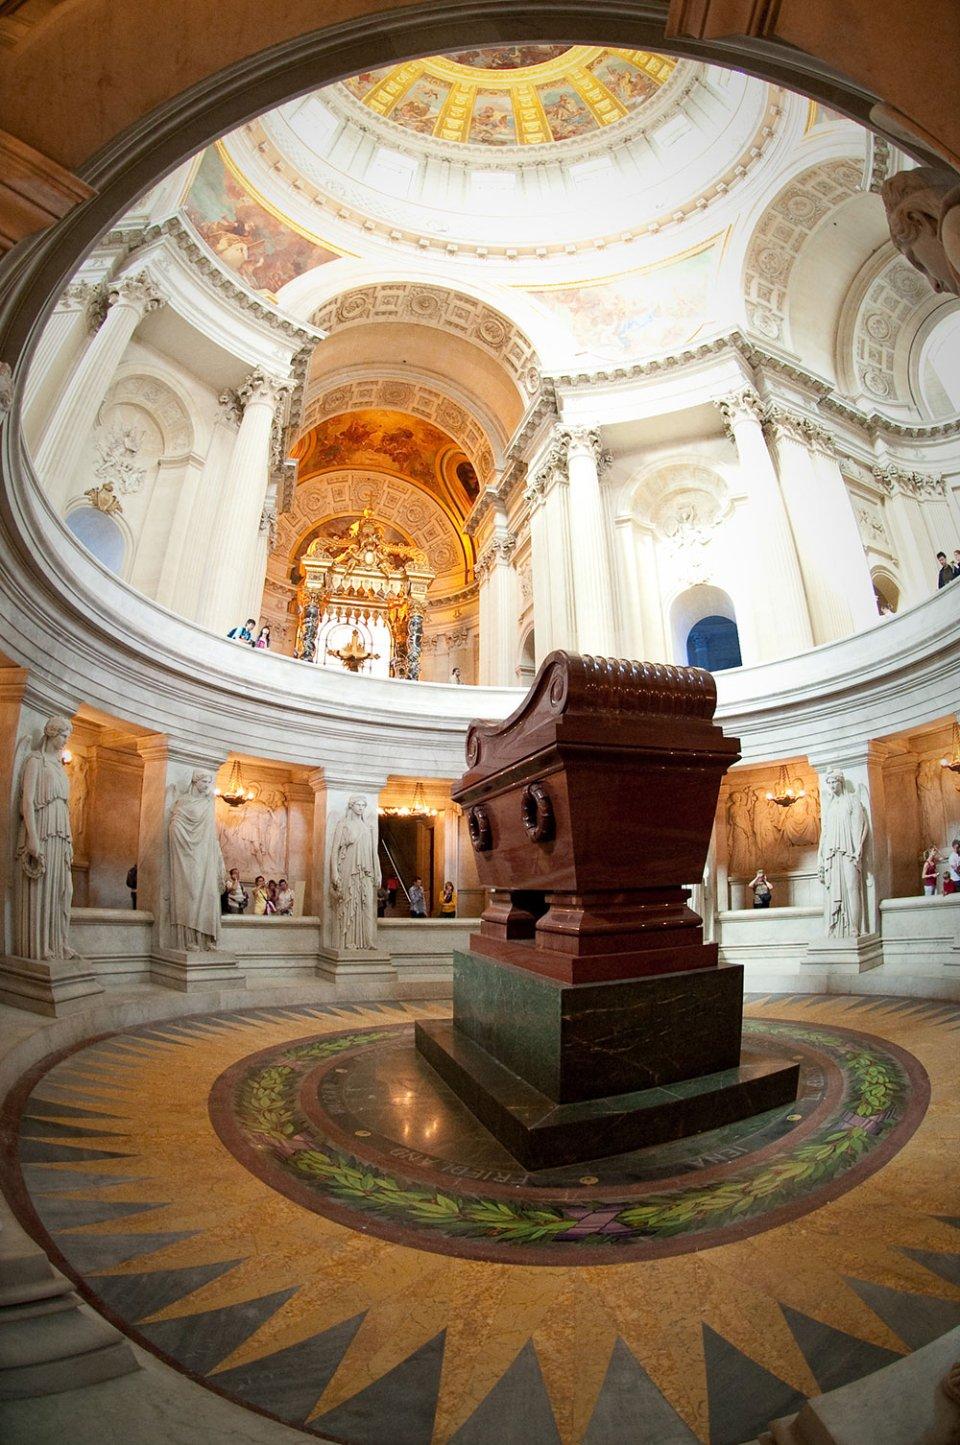 Труна з прахом Наполеона в Домі Інвалідів / Wikipedia